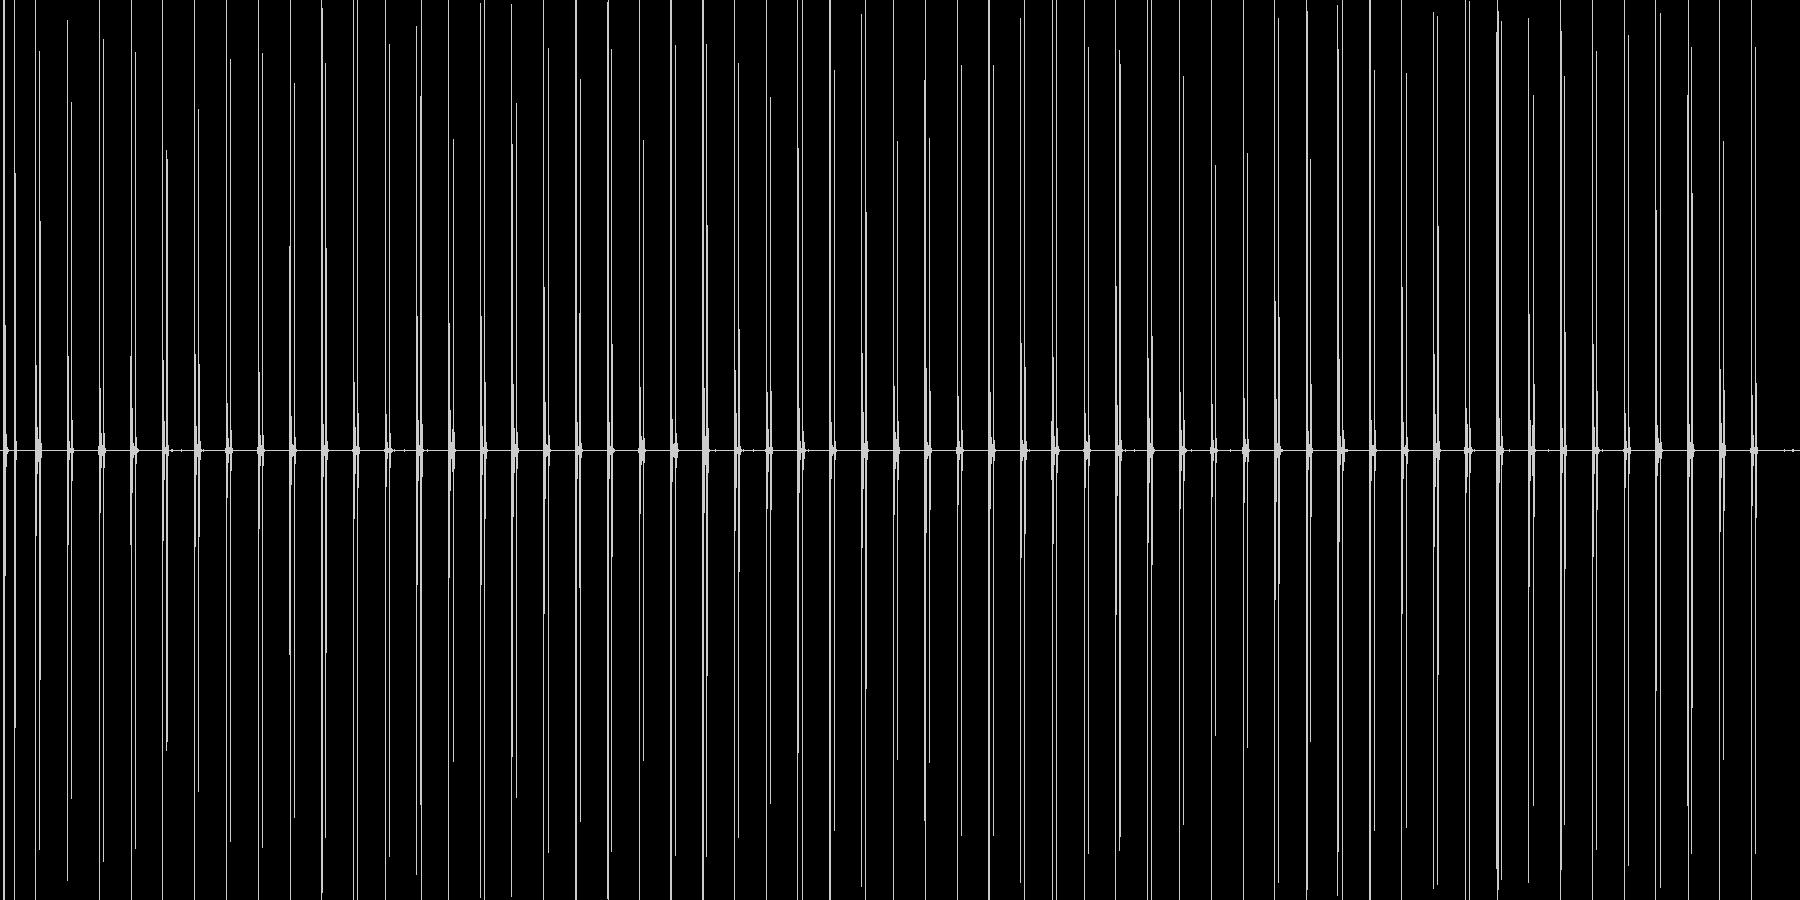 スニーカーでタイル張りの道を走る音の未再生の波形